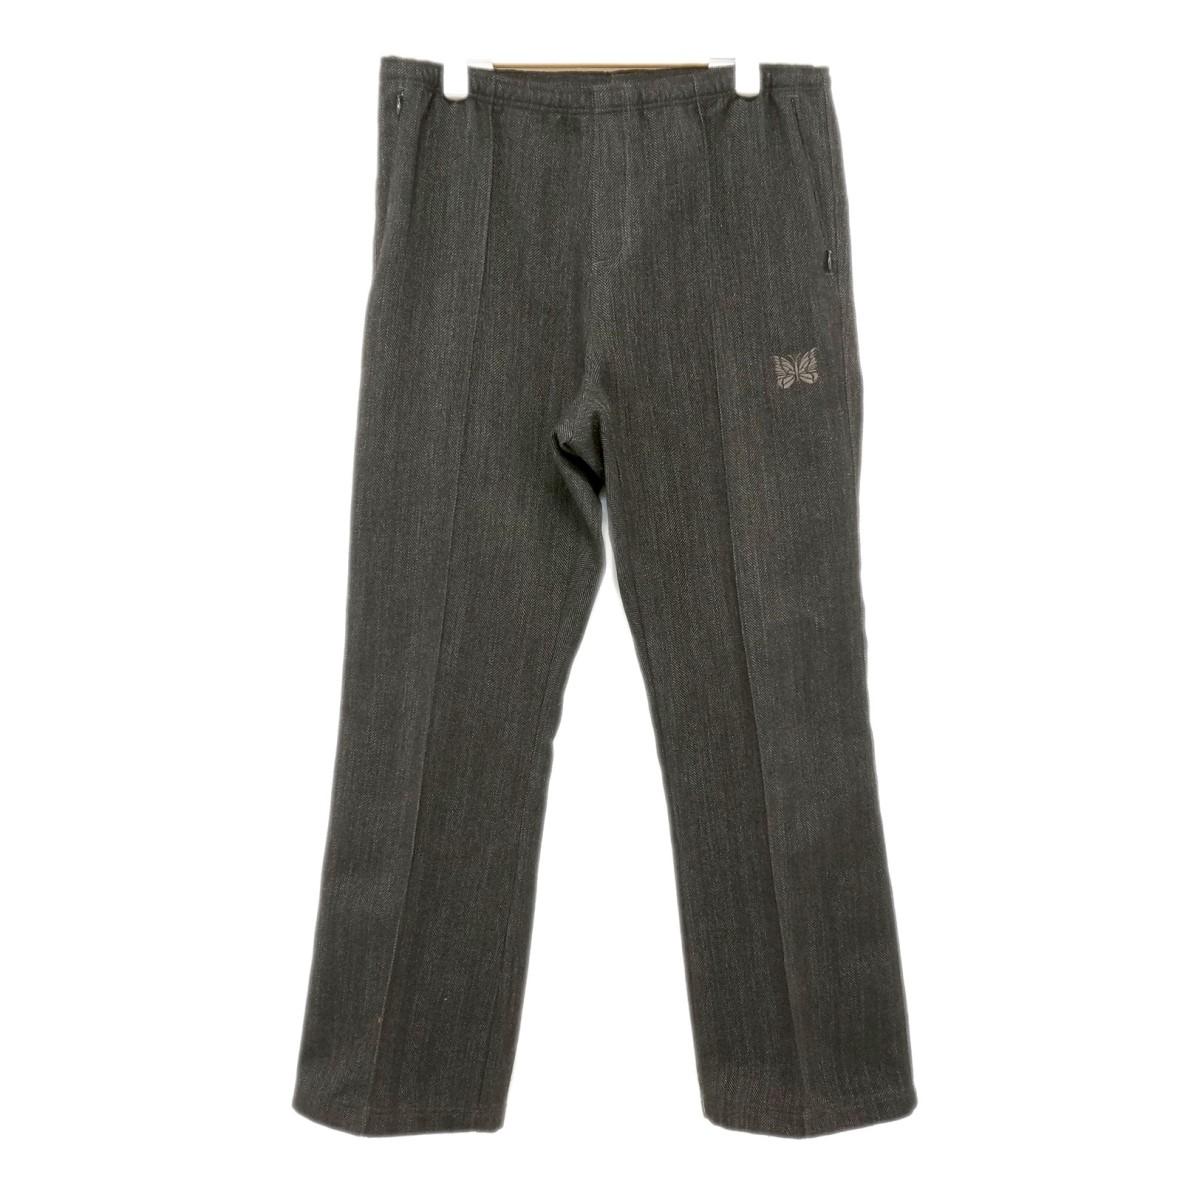 【中古】Needles Warm-Up Boot-Cut Pant ブーツカットパンツ FK331 ダークグレー サイズ:M 【300420】(ニードルス)